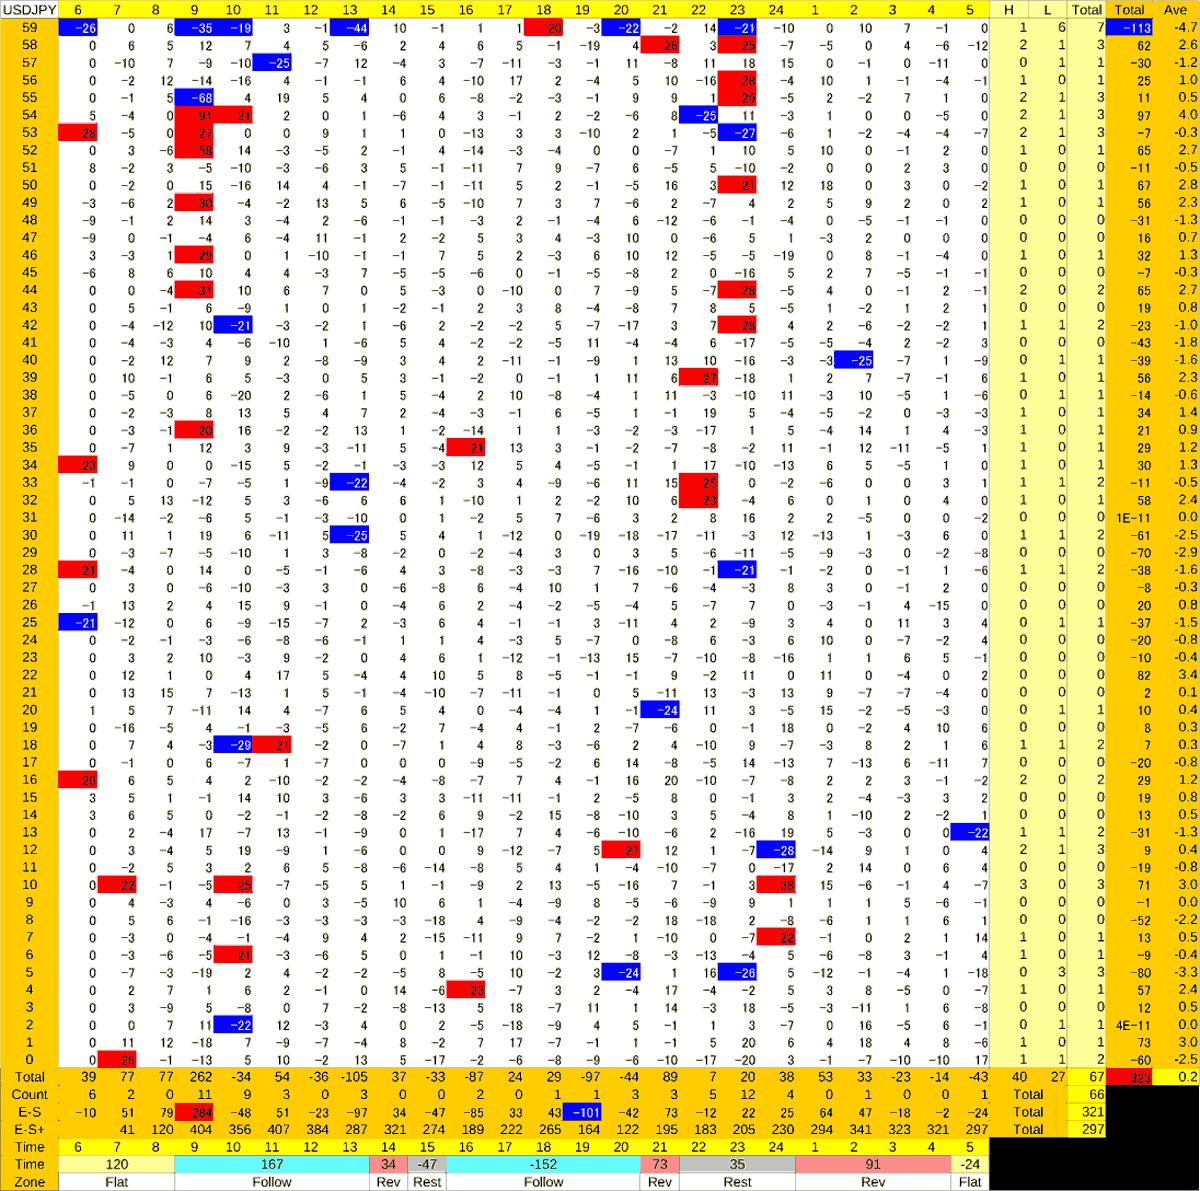 20200720_HS(1)USDJPY